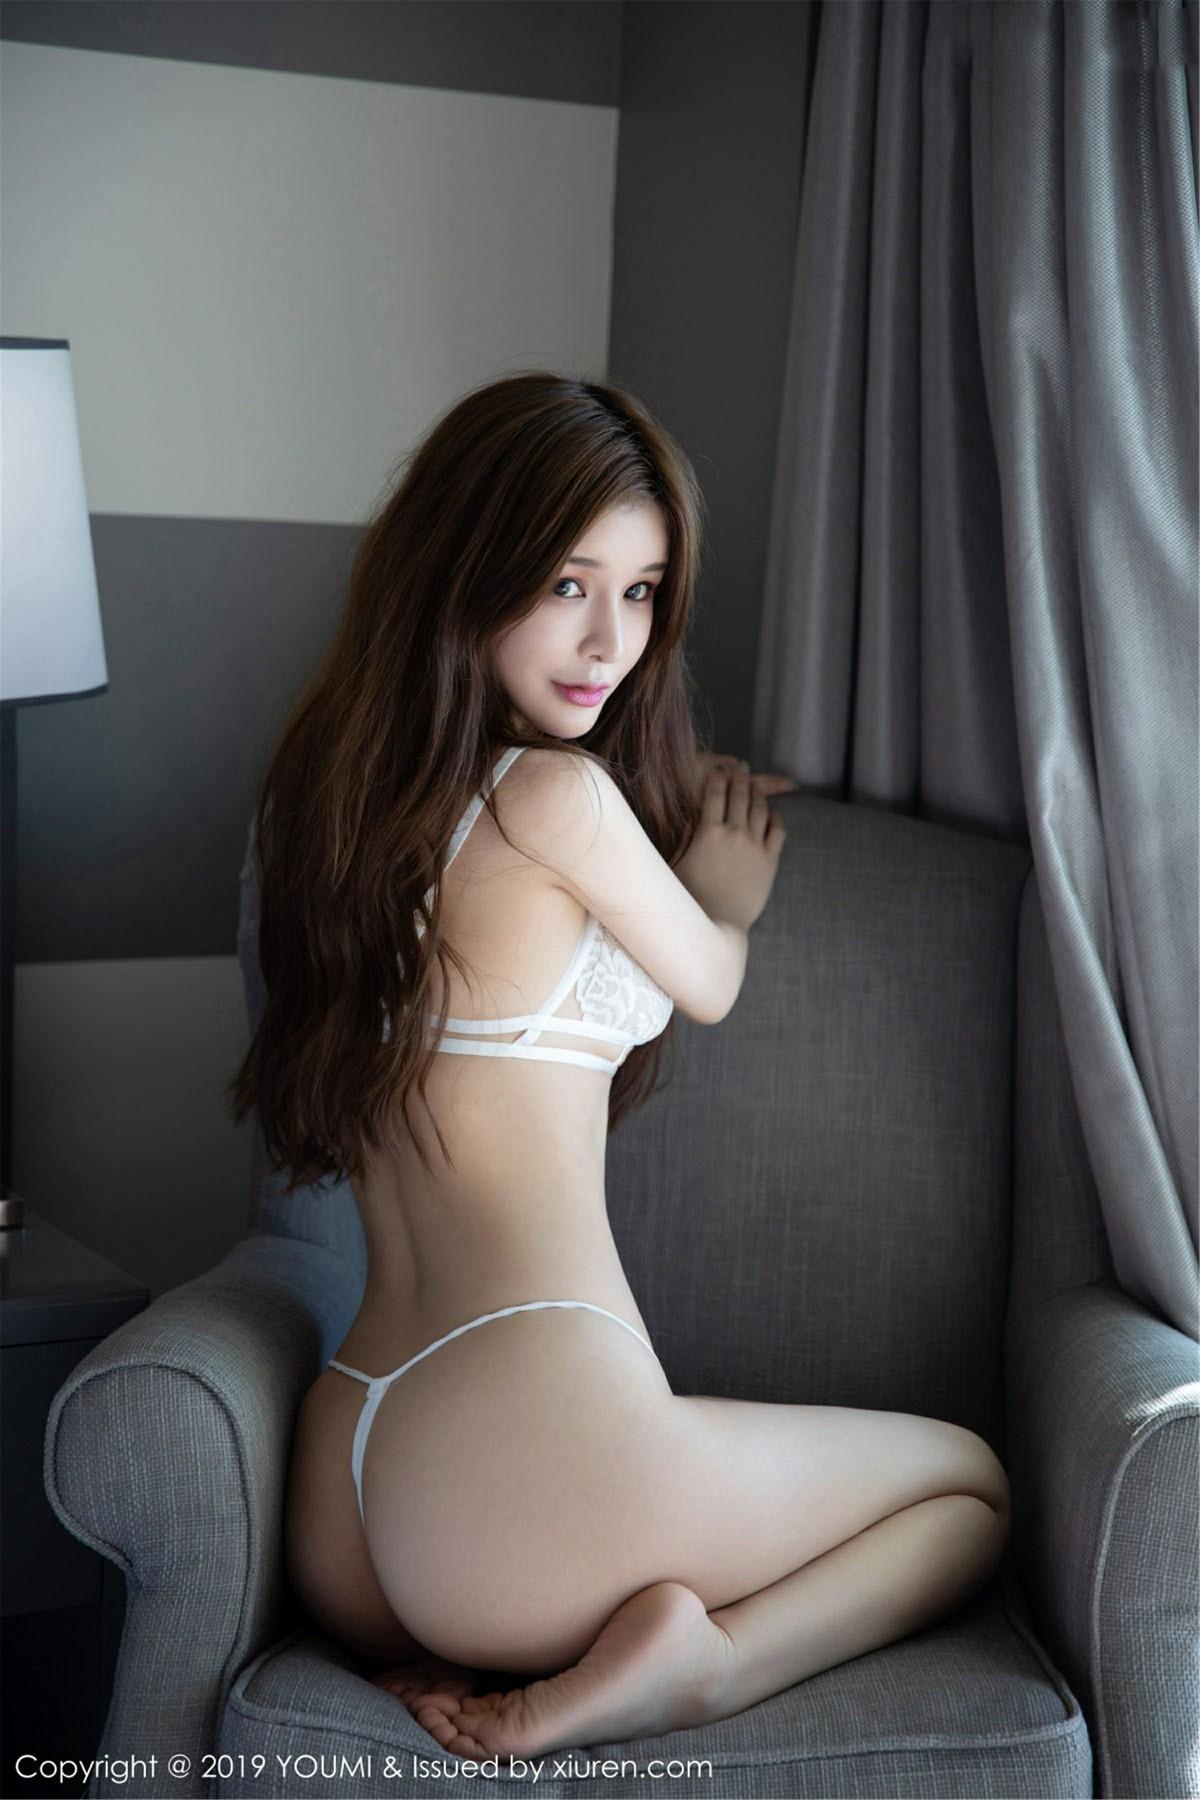 [YOUMI尤蜜荟]2019.06.24 VOL.322 张雨萌[42P] 尤蜜荟 第3张